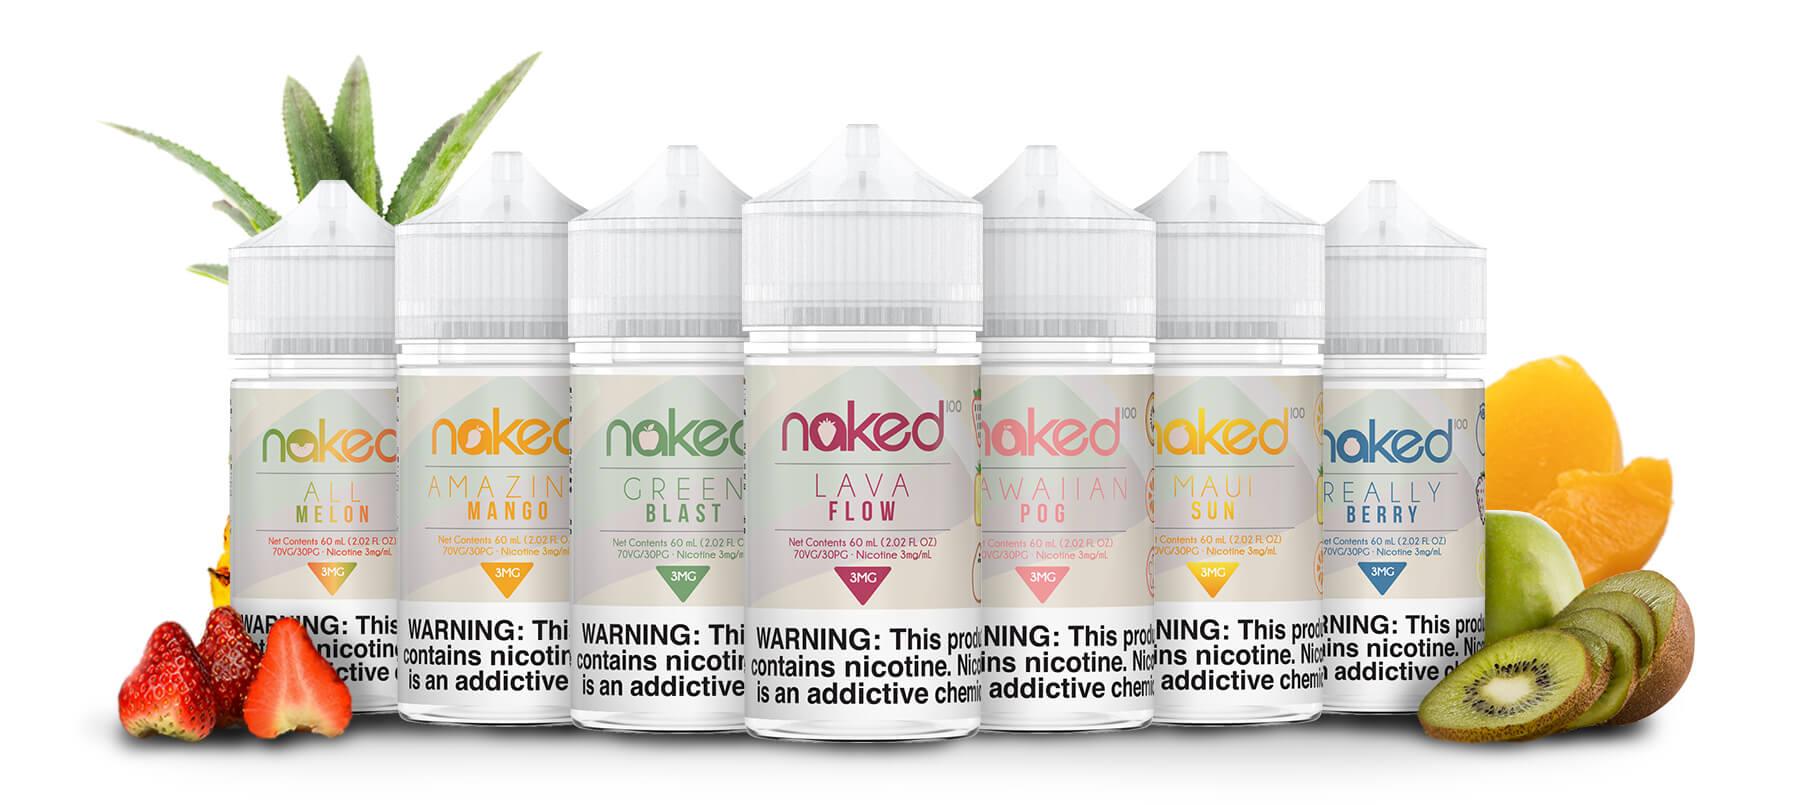 naked 100 juice fruits